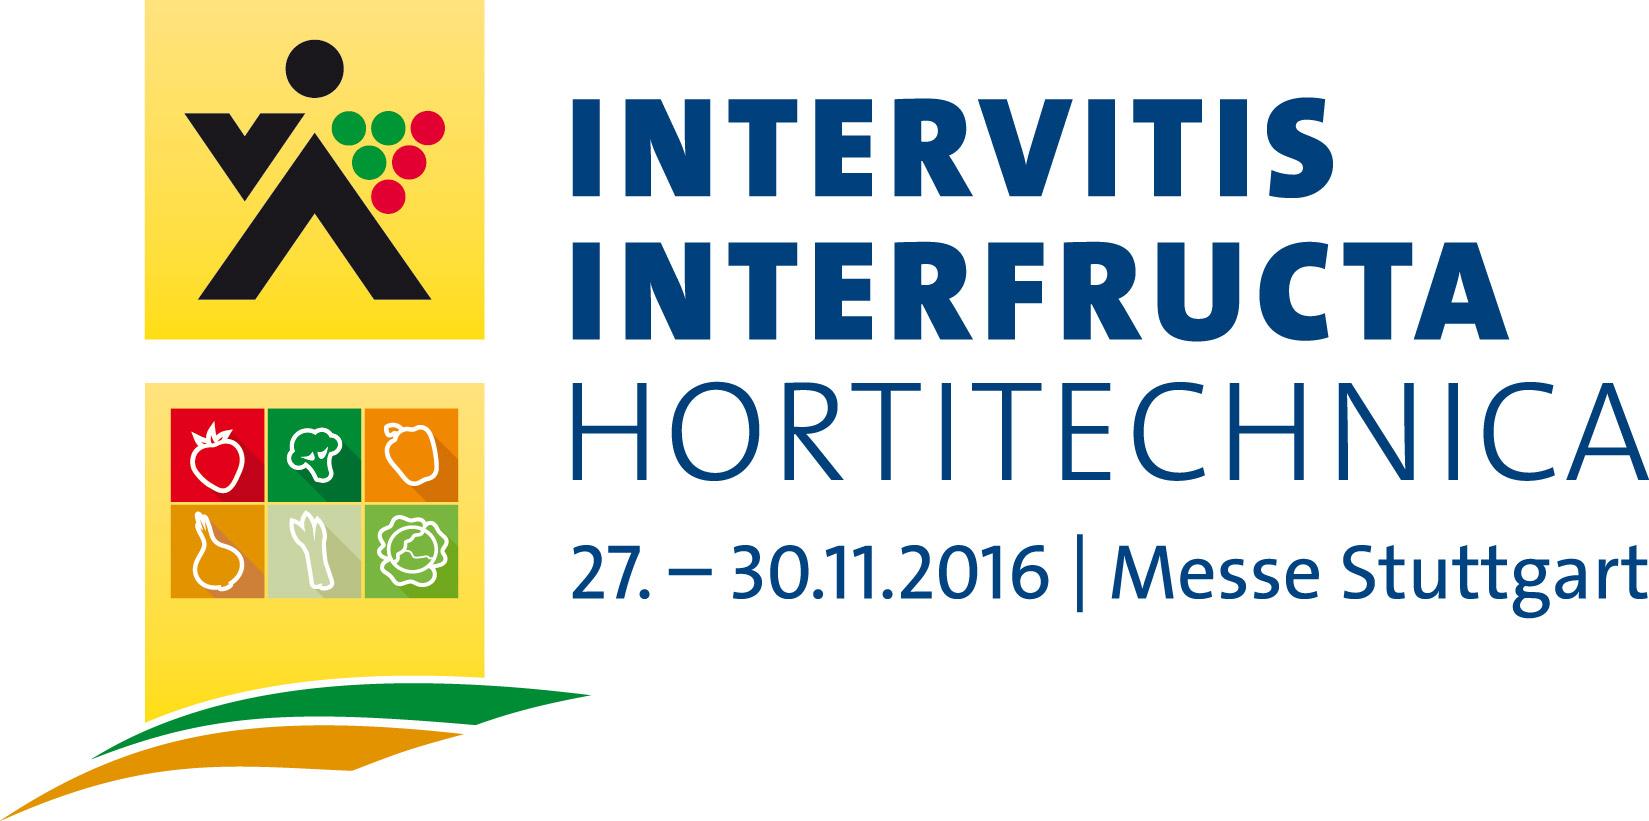 INTERVITIS INTERFRUCTA HORTITECHNICA 2016